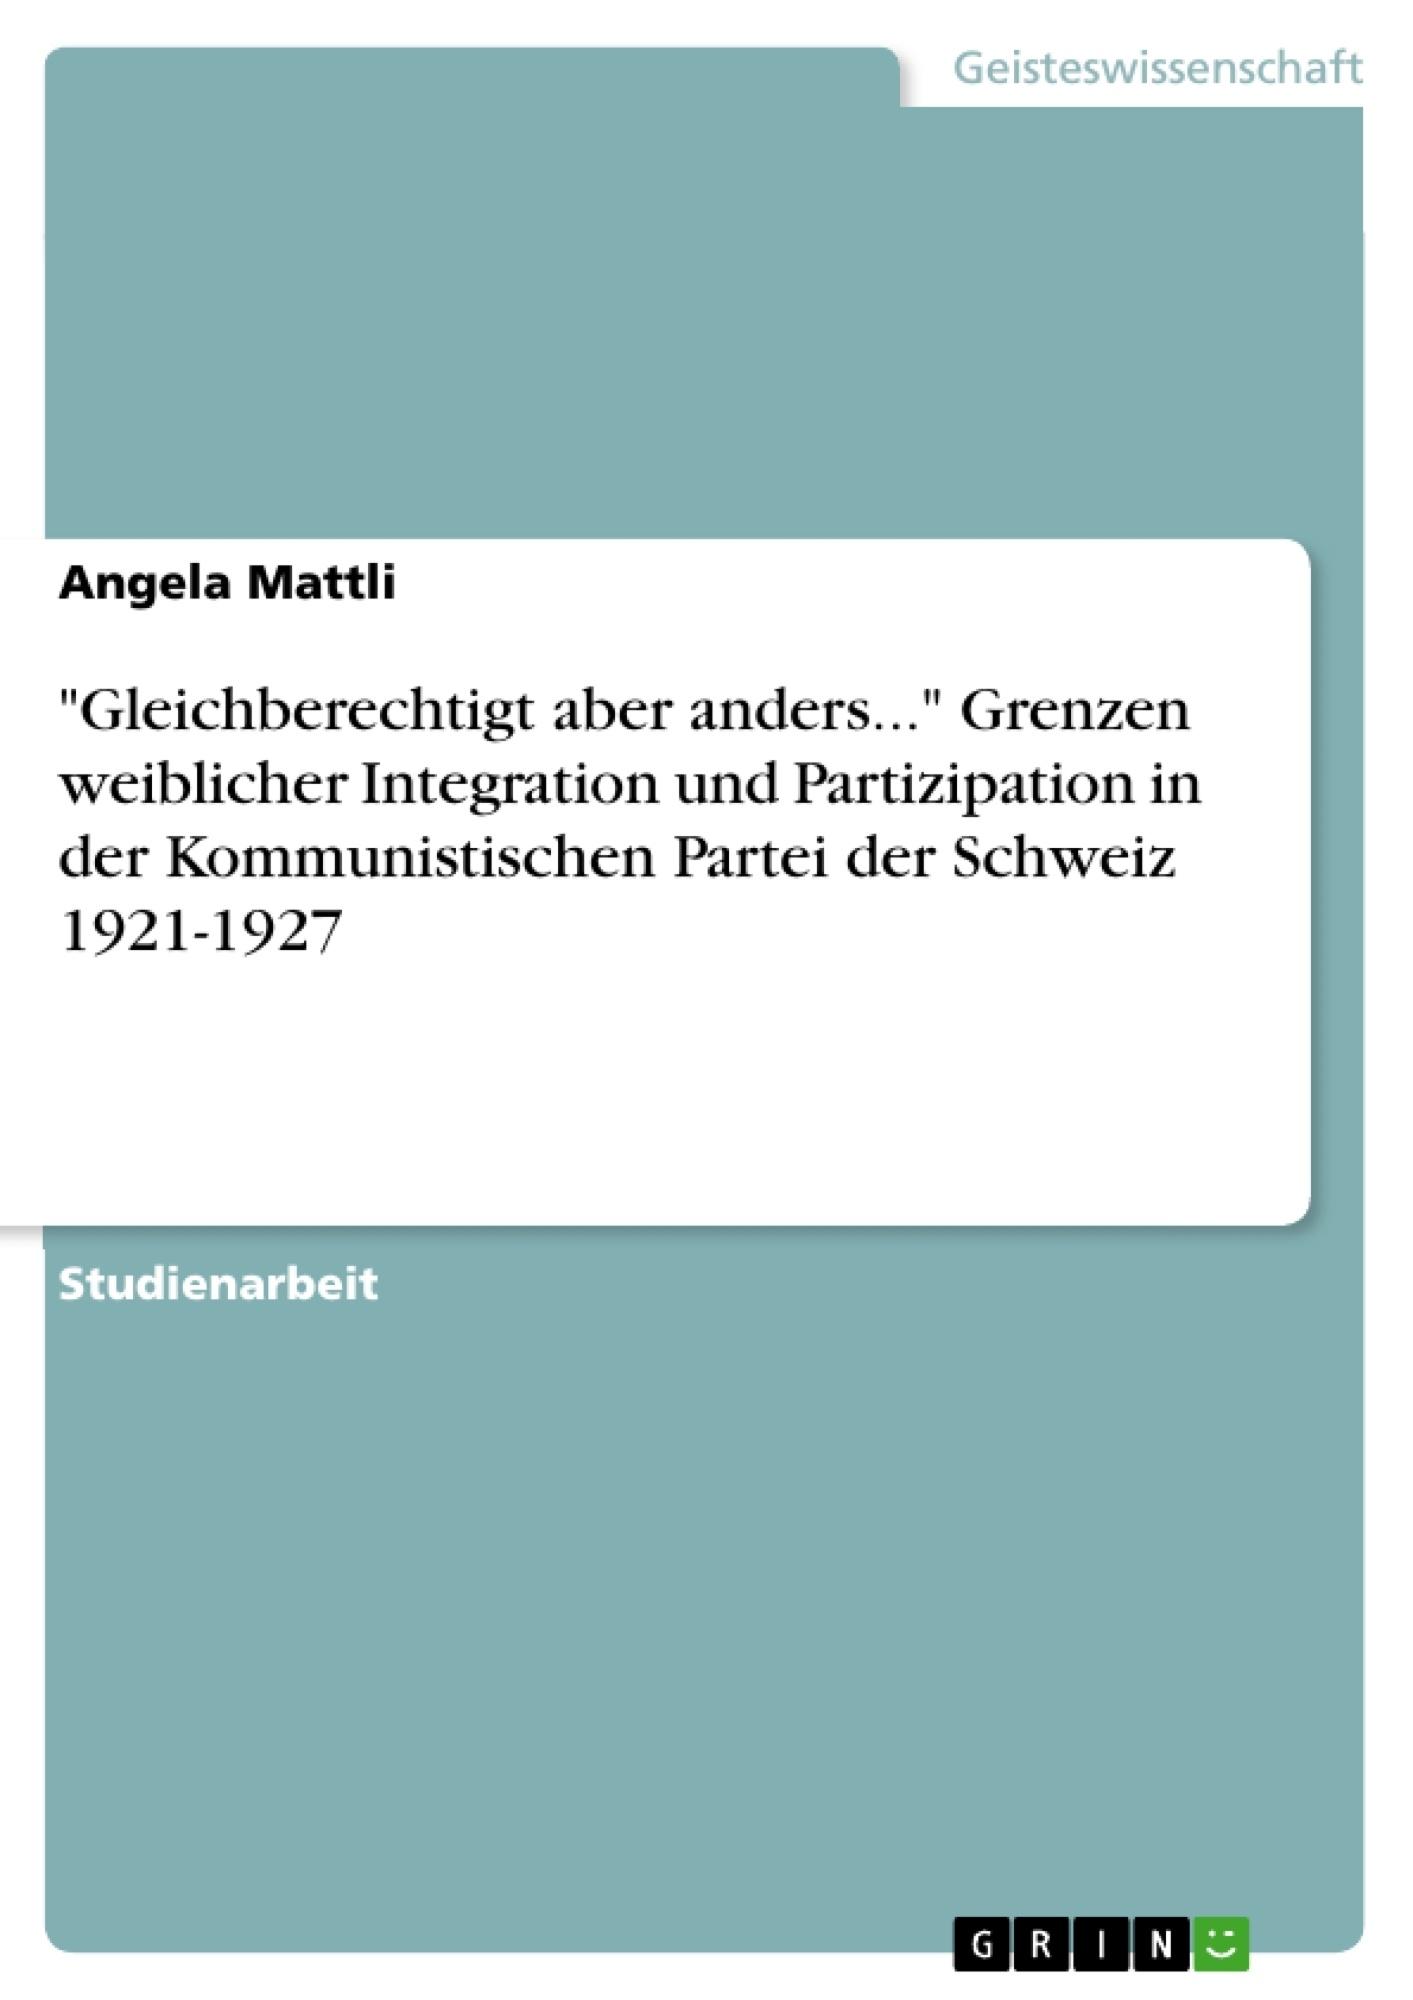 """Titel: """"Gleichberechtigt aber anders..."""" Grenzen weiblicher Integration und Partizipation in der Kommunistischen Partei der Schweiz 1921-1927"""